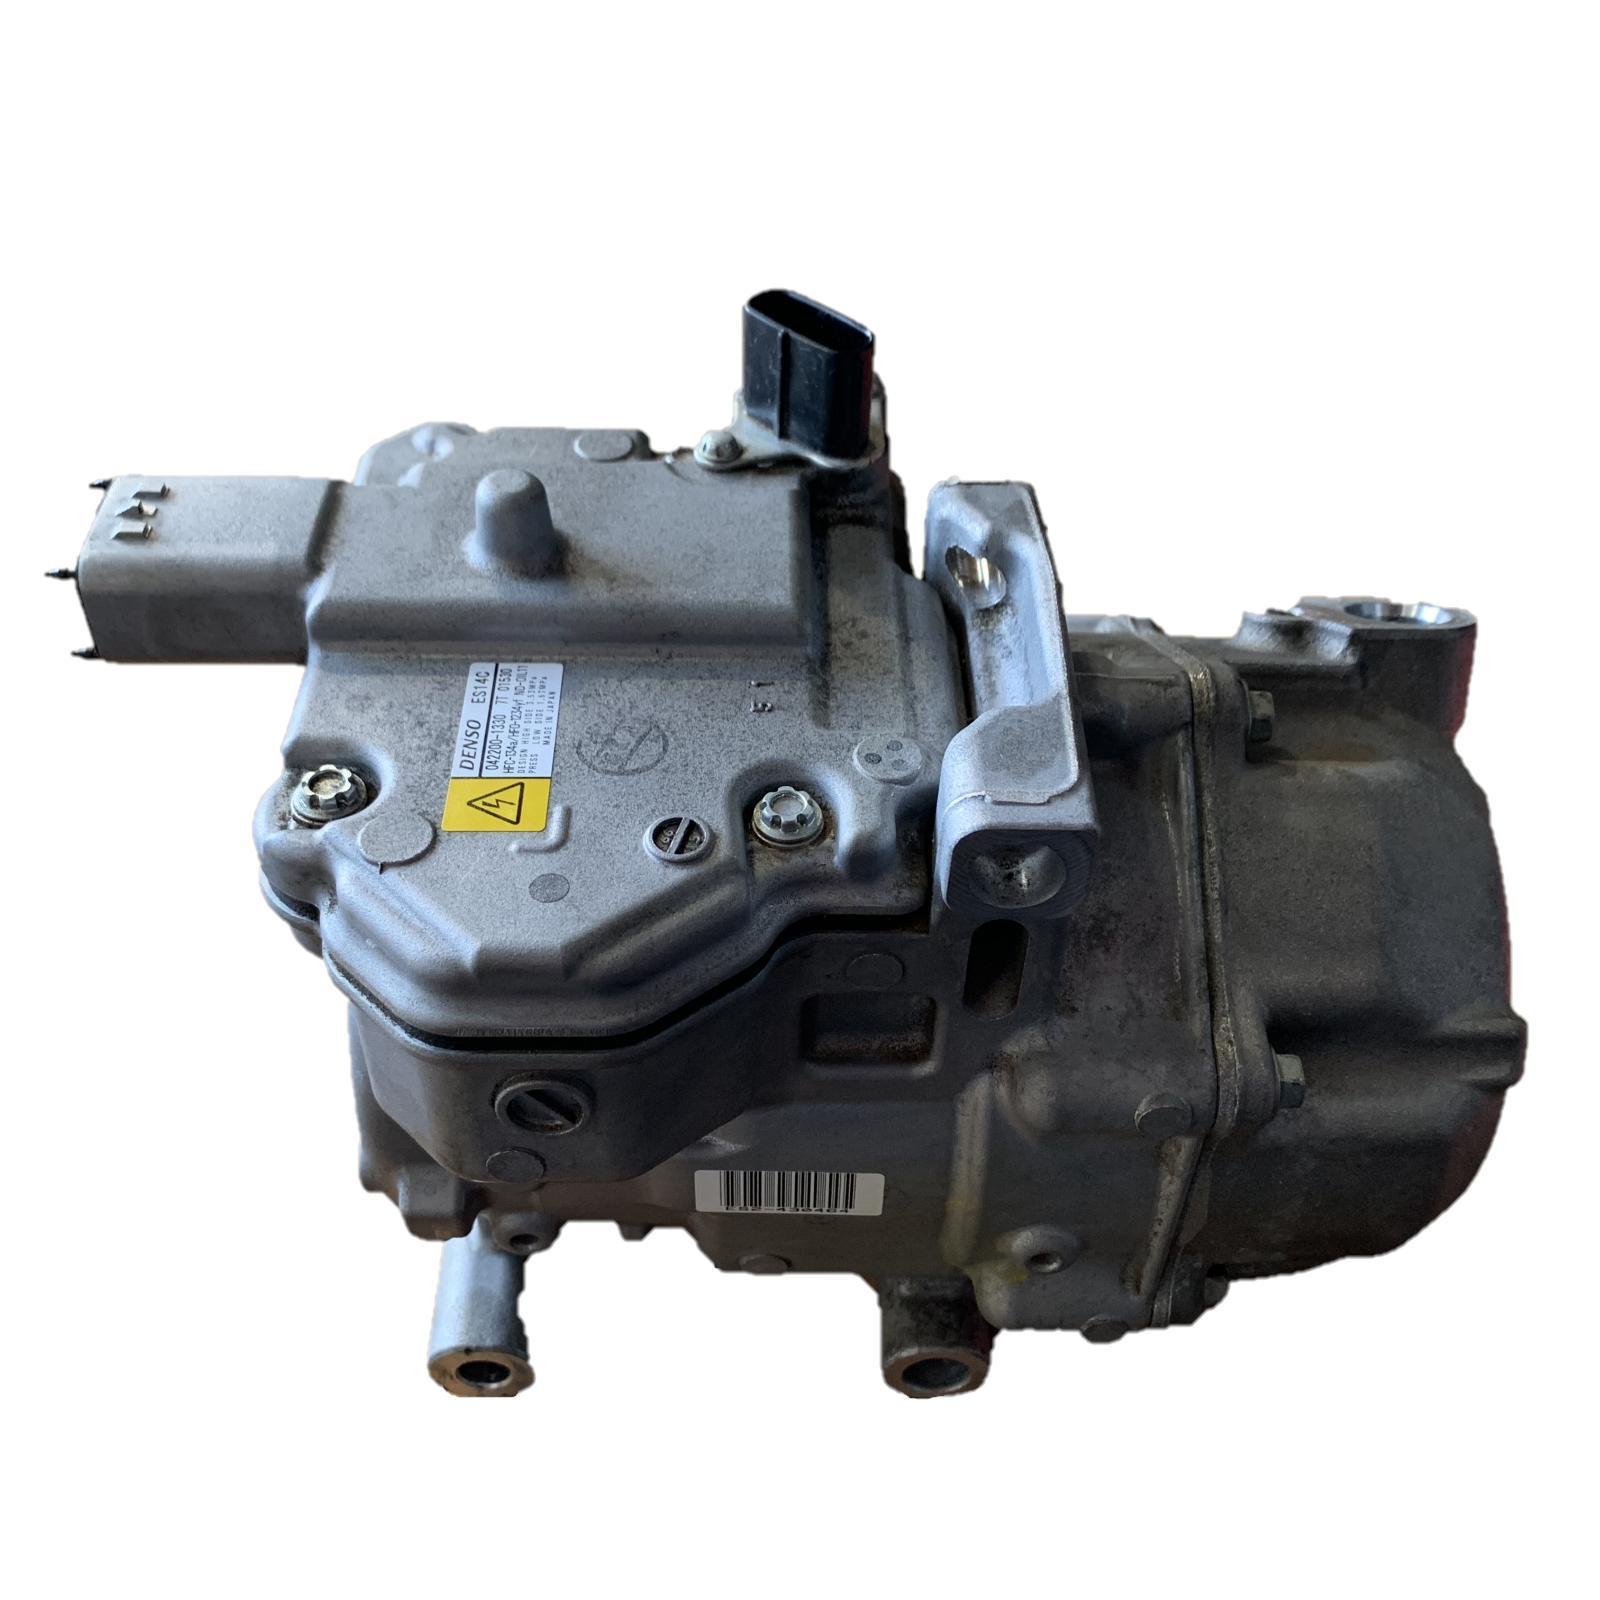 TOYOTA COROLLA, A/C Compressor, ZWE186R, 1.8, 2ZR-FXE, PETROL, HYBRID, 06/16-06/18